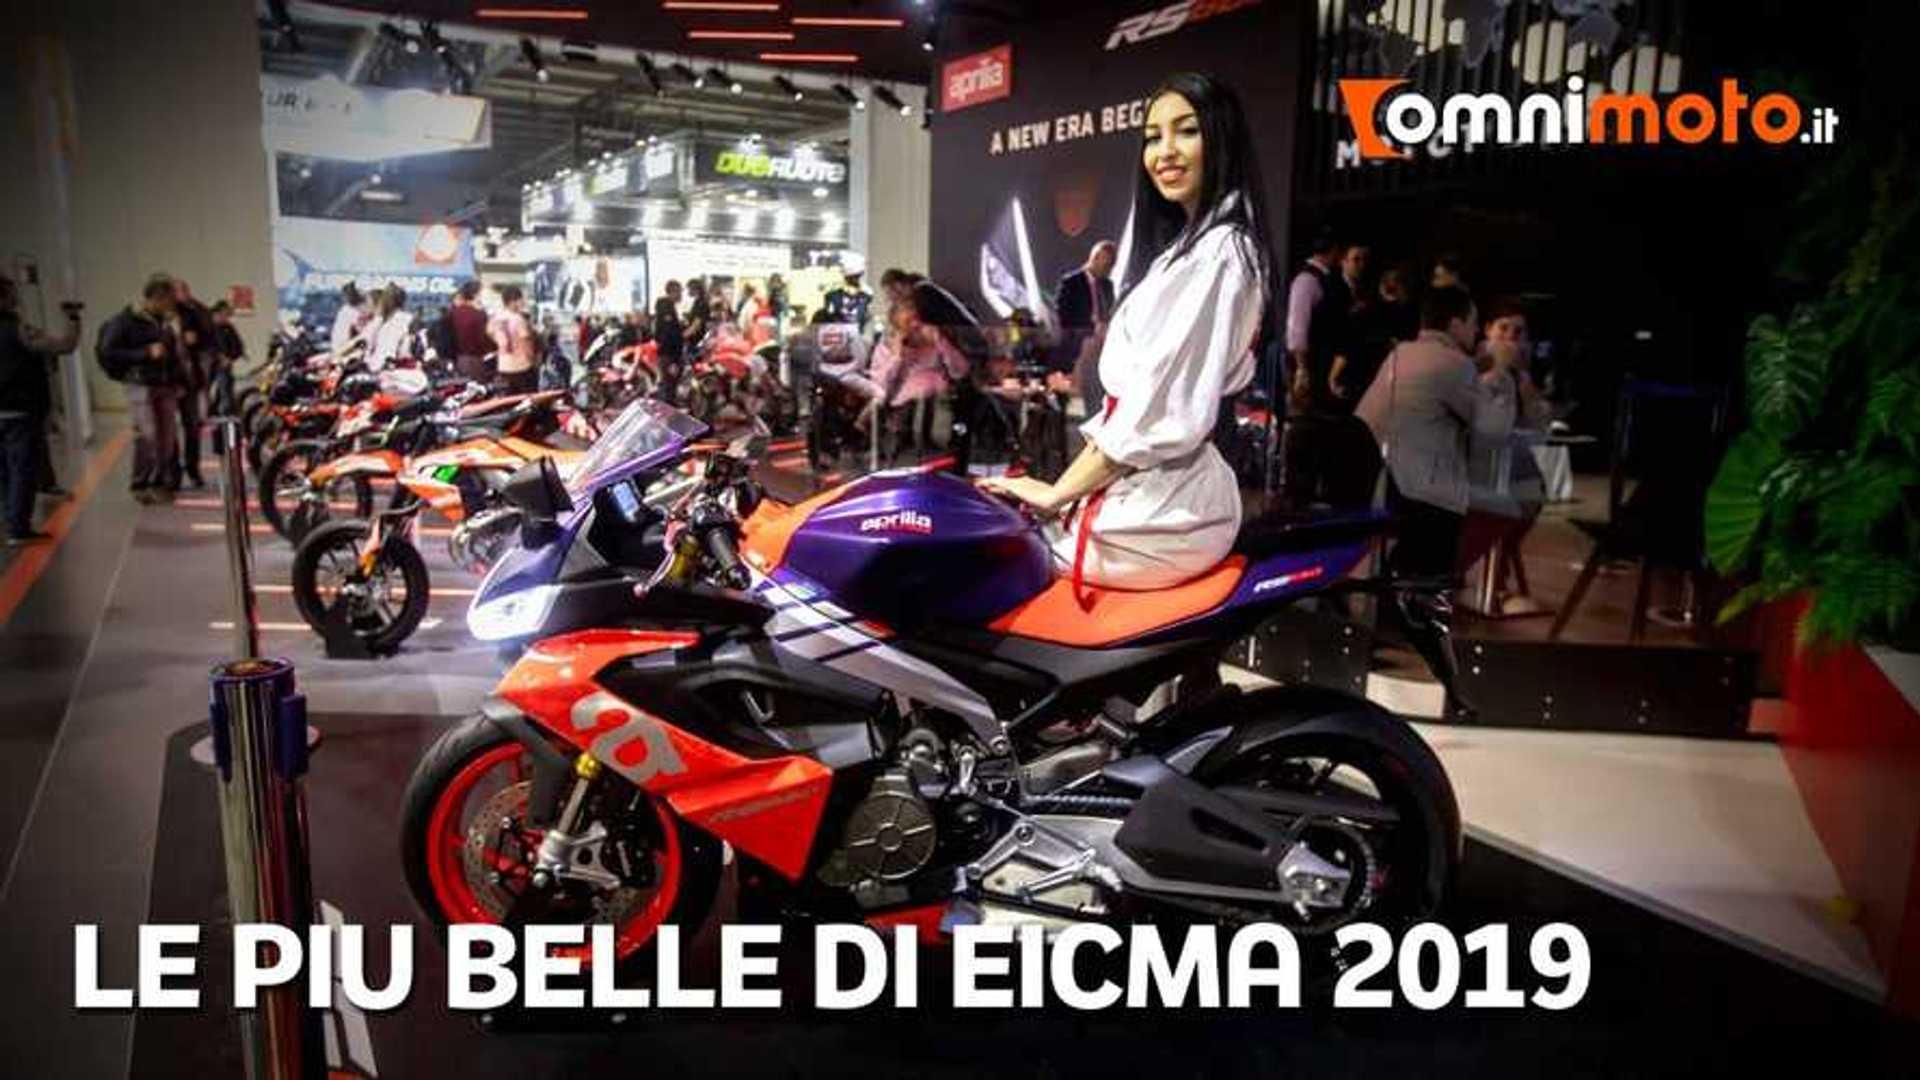 Le più belle moto di EICMA 2019 [VIDEO]